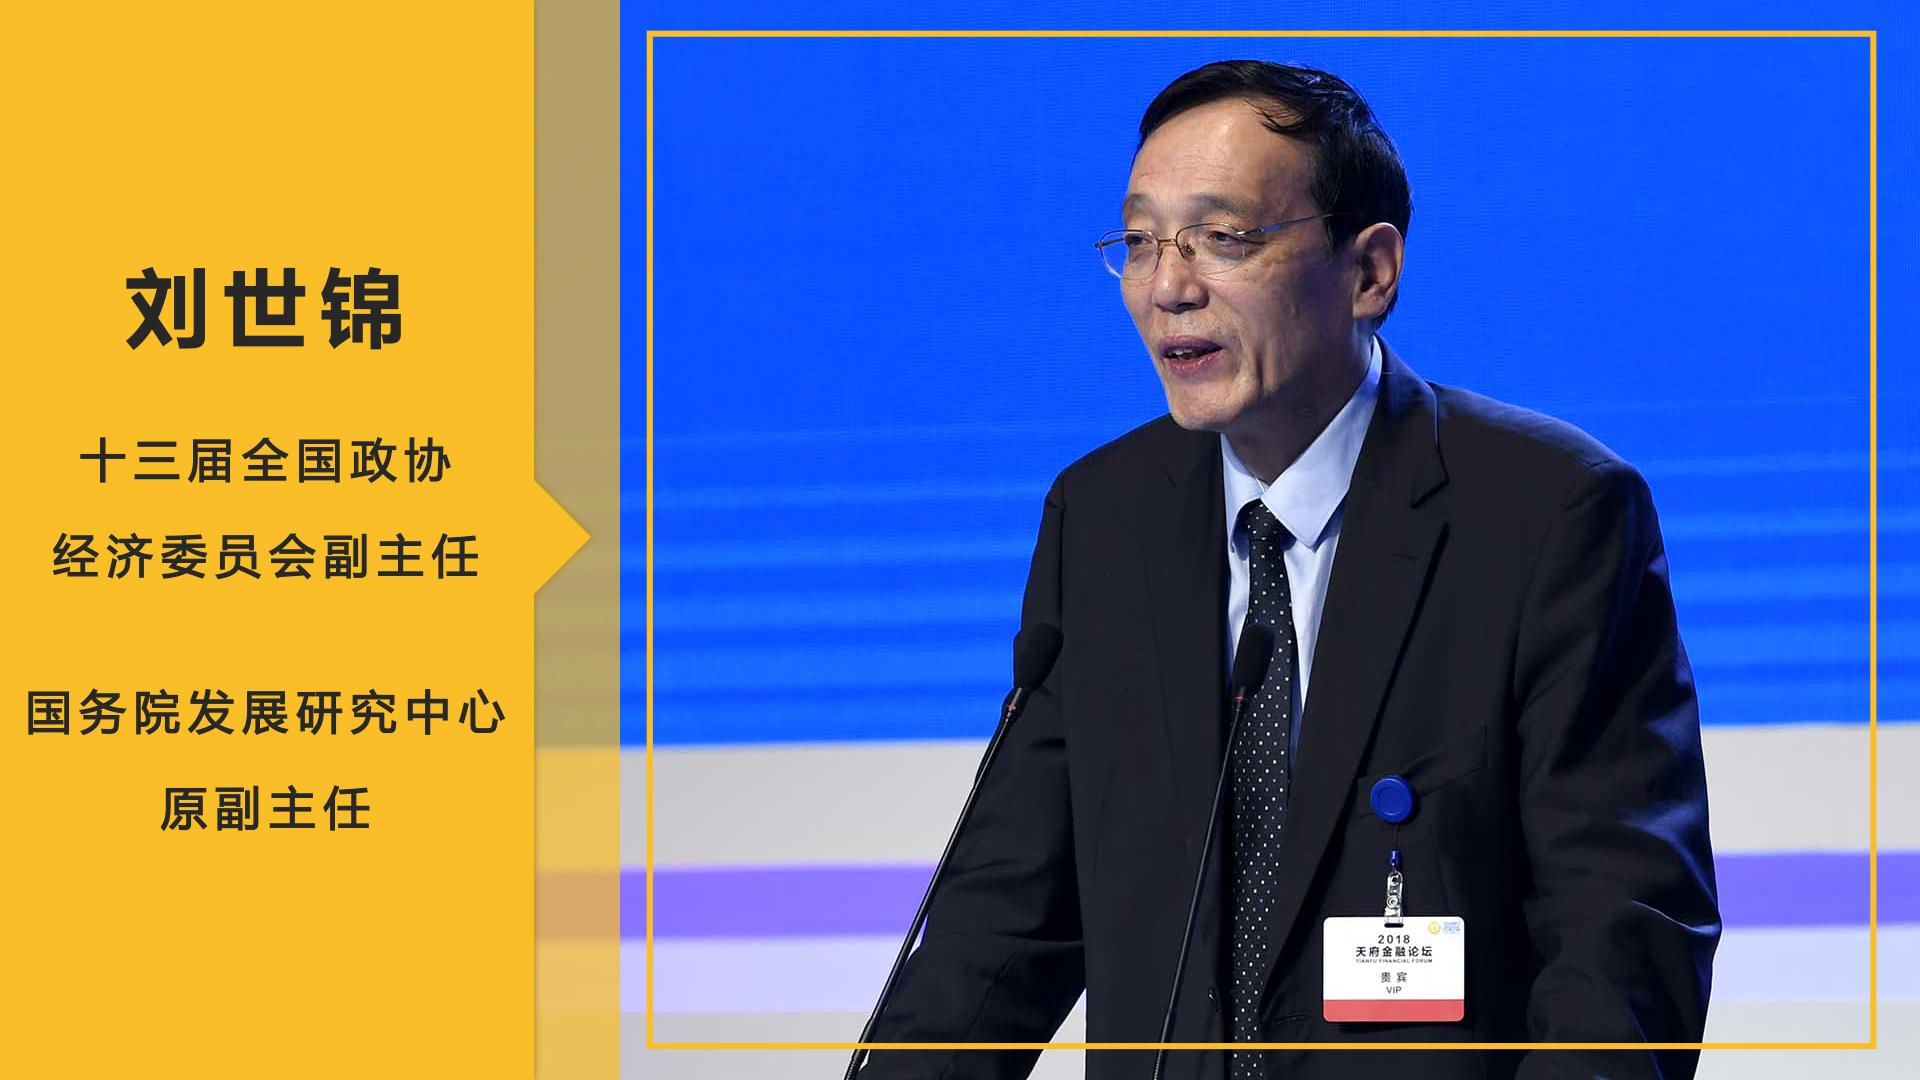 刘世锦:金融科技要立足于服务实体经济发展